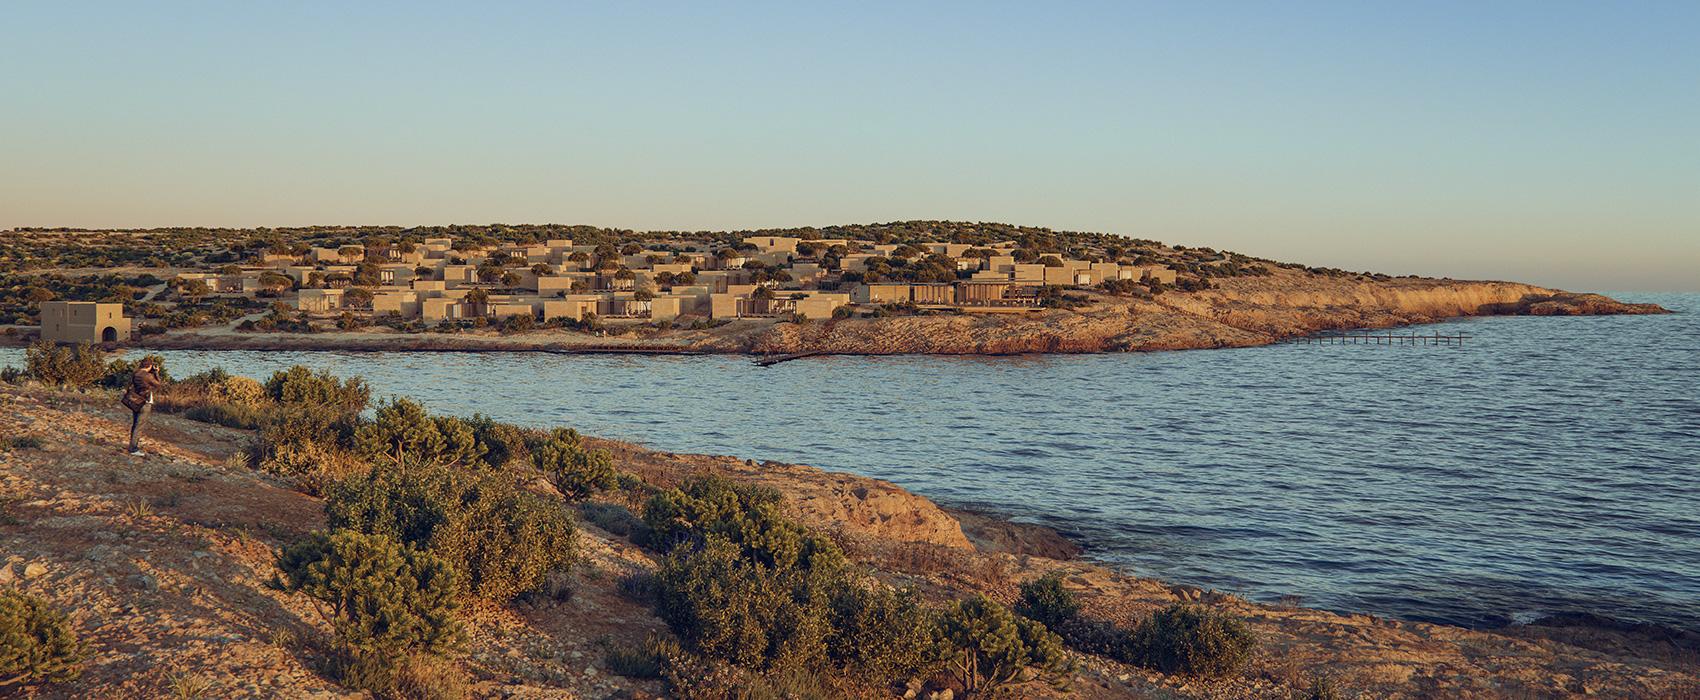 Comino Village - Malta